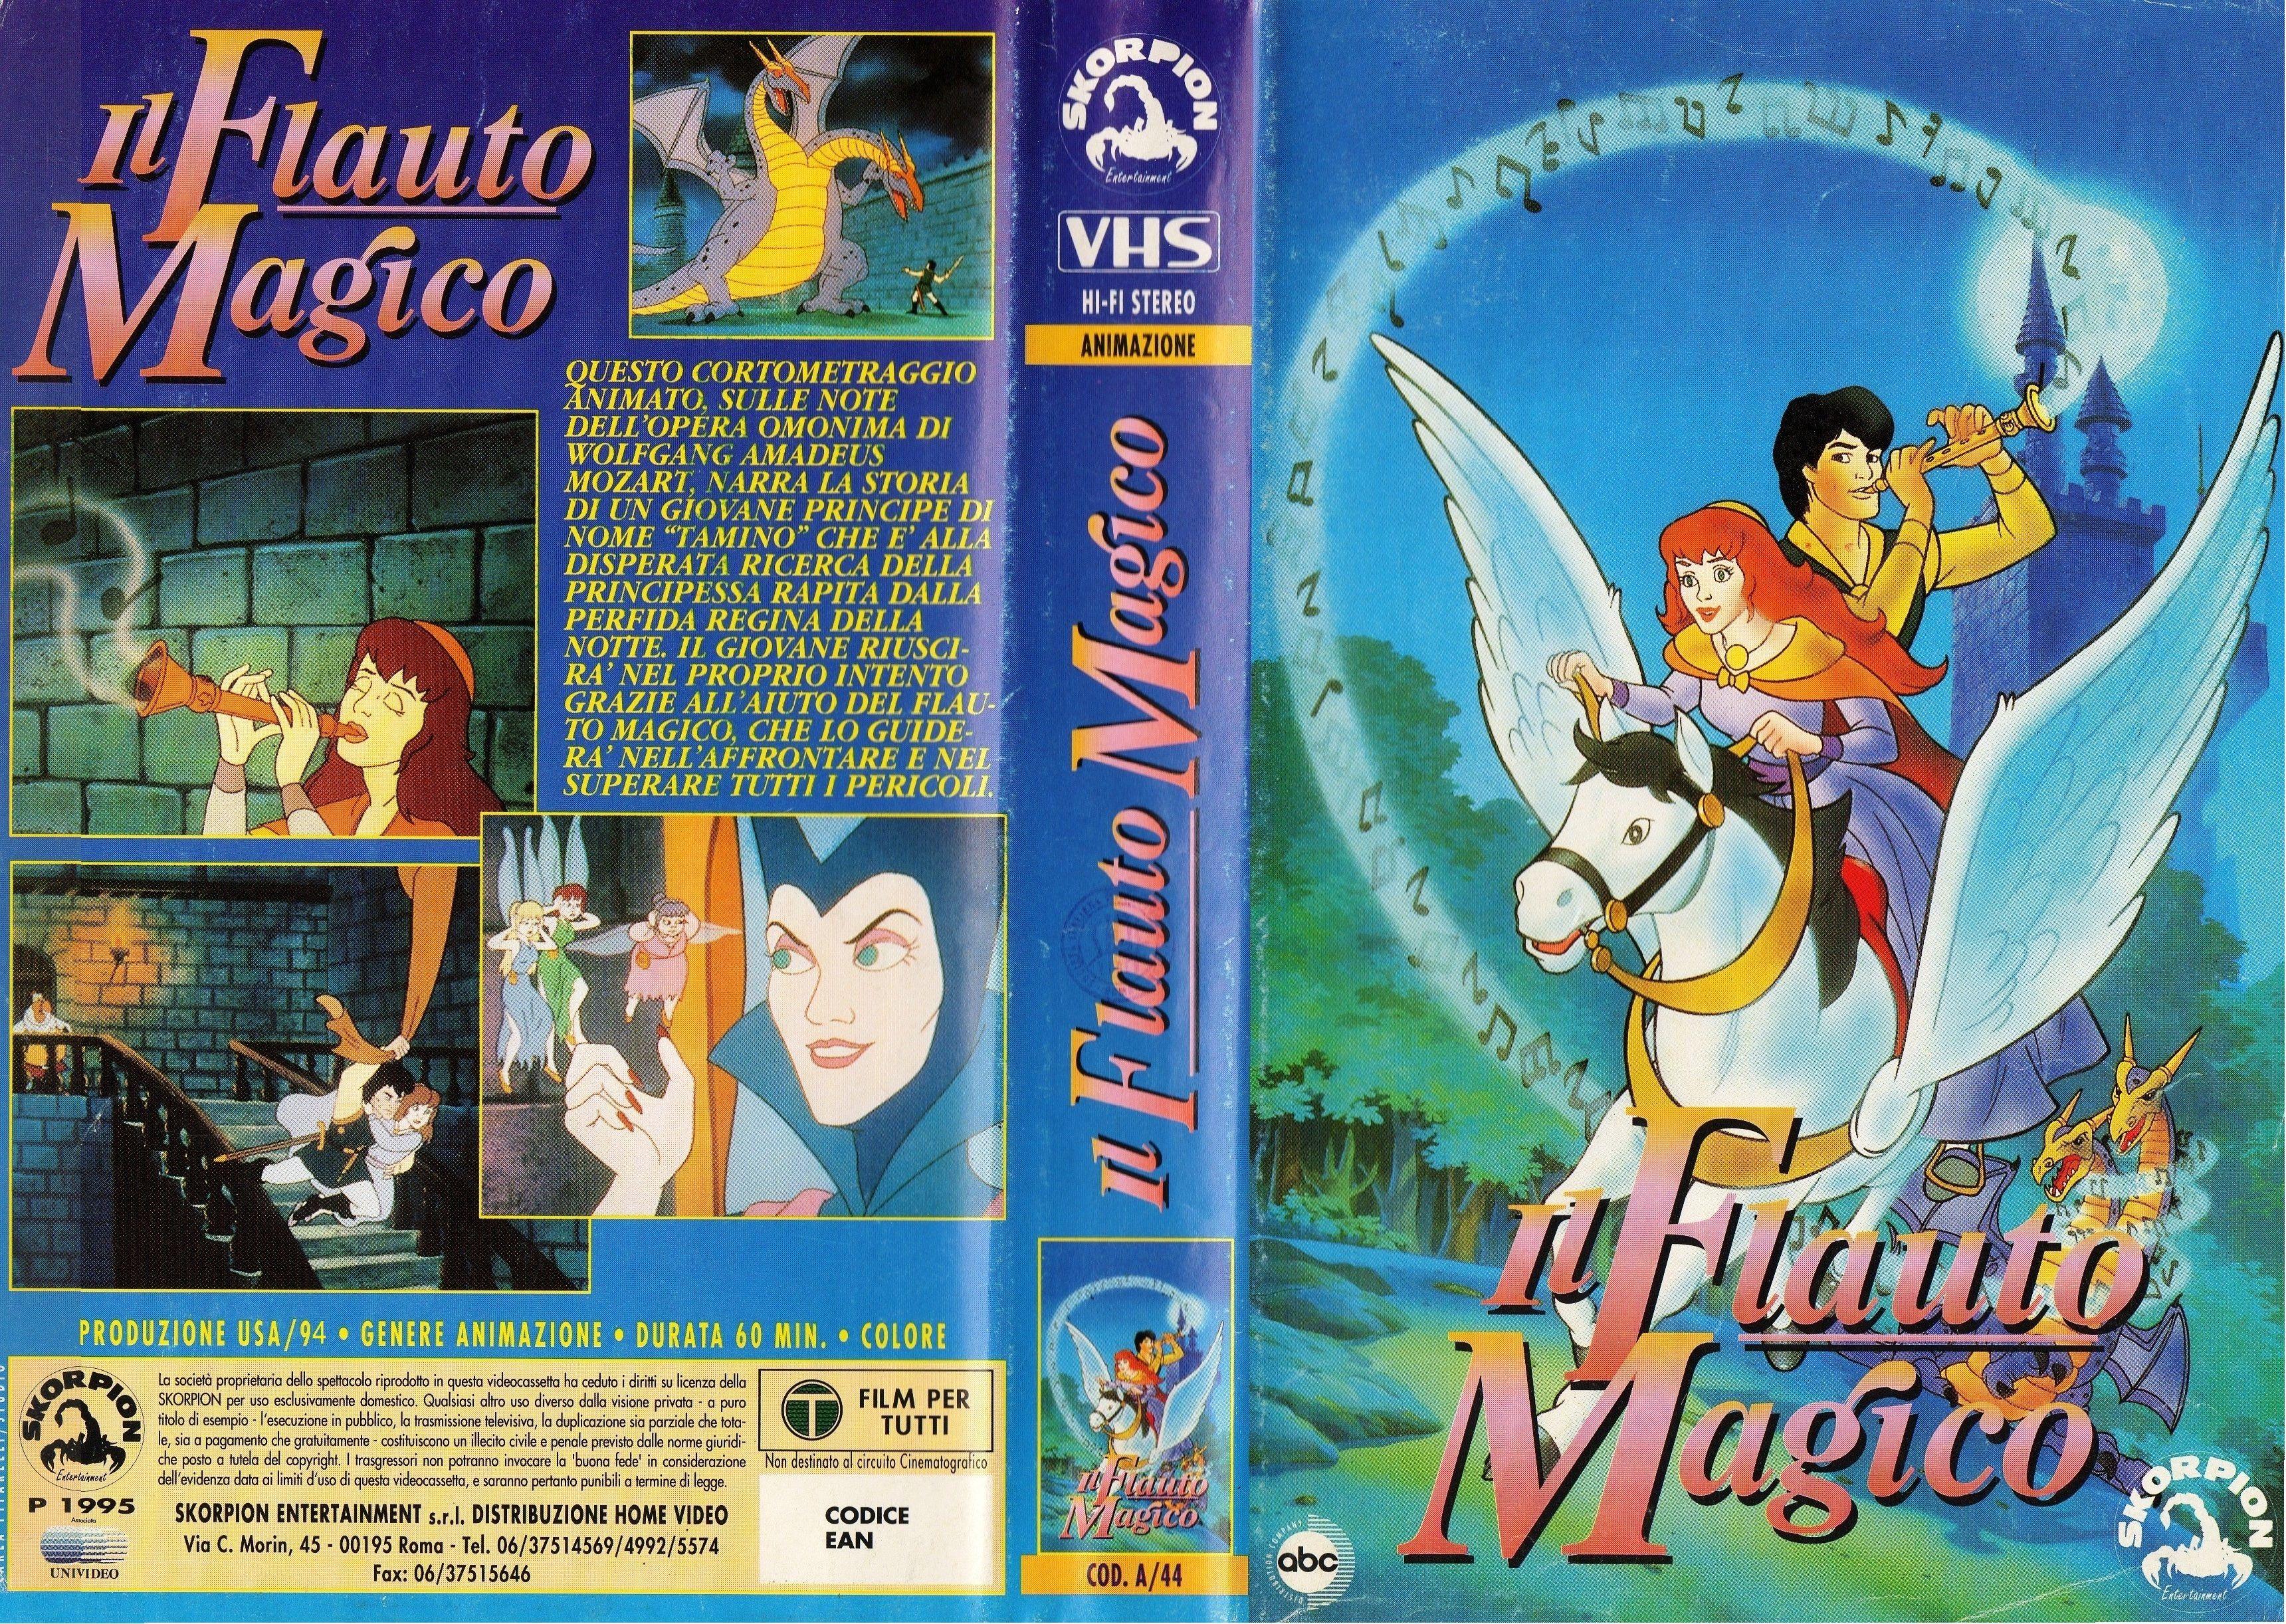 Il flauto magico the magic flute vhs cov… fiabe